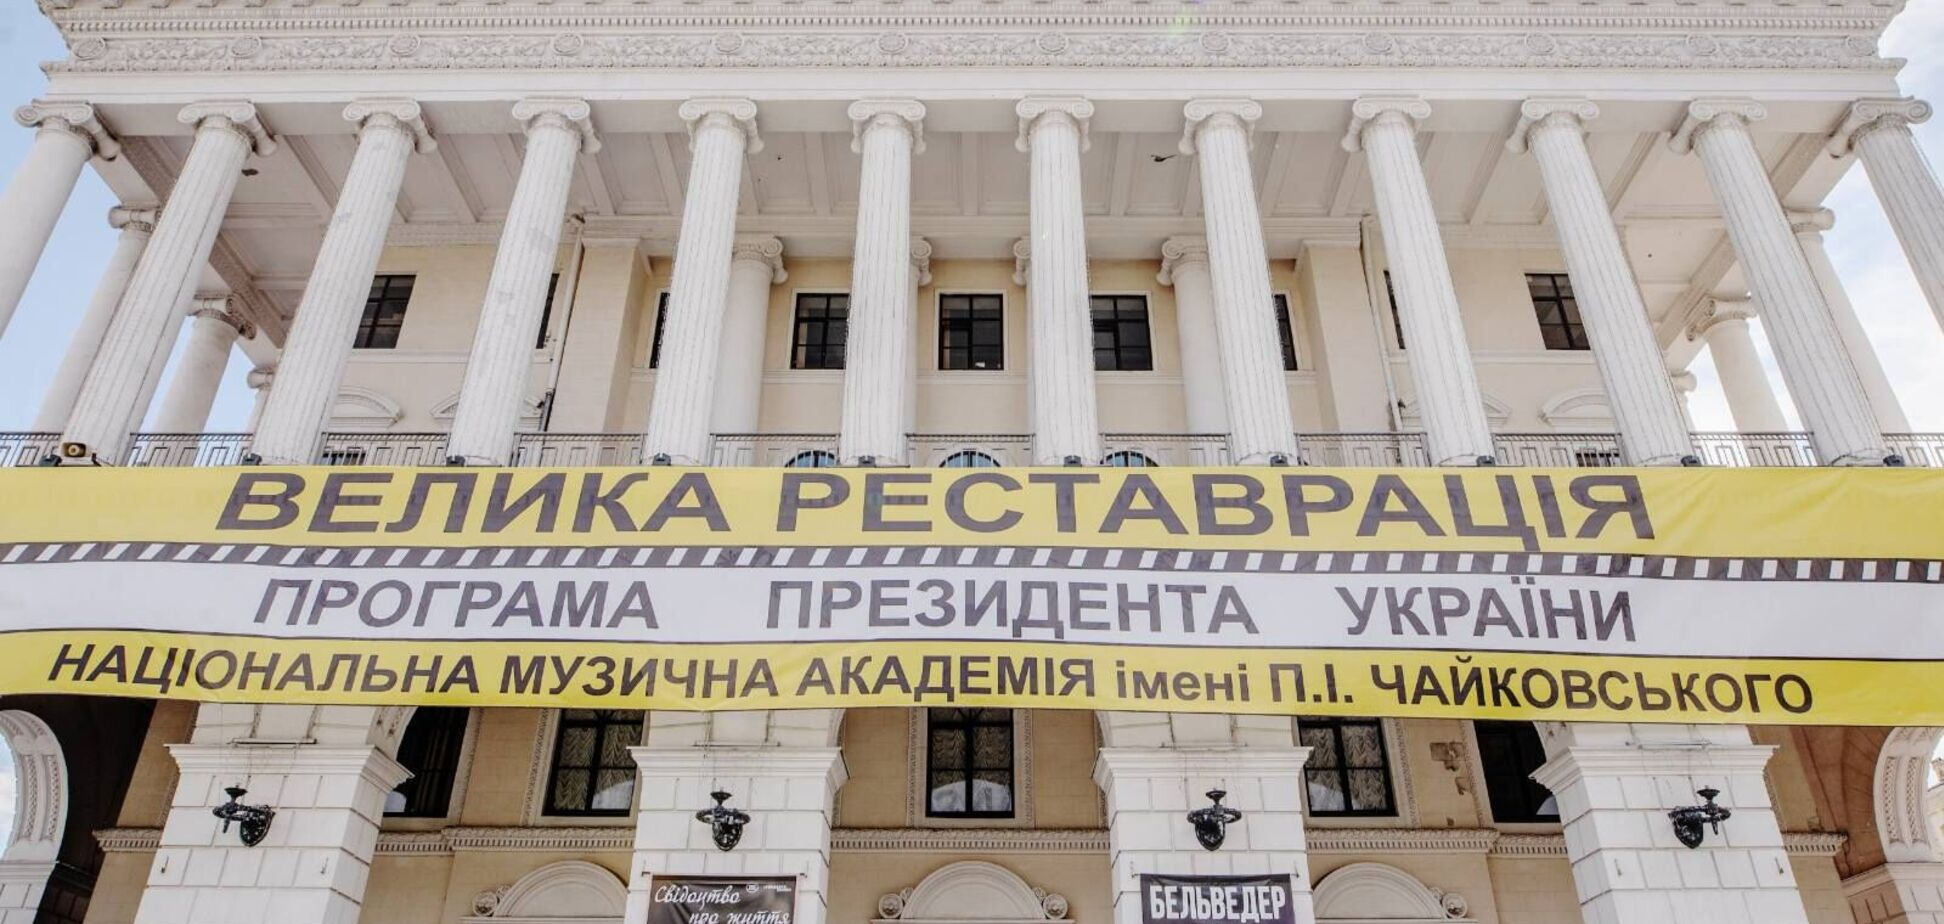 'Большая стройка' Зеленского реставрирует около 30 объектов культуры в Киеве,– эксперт